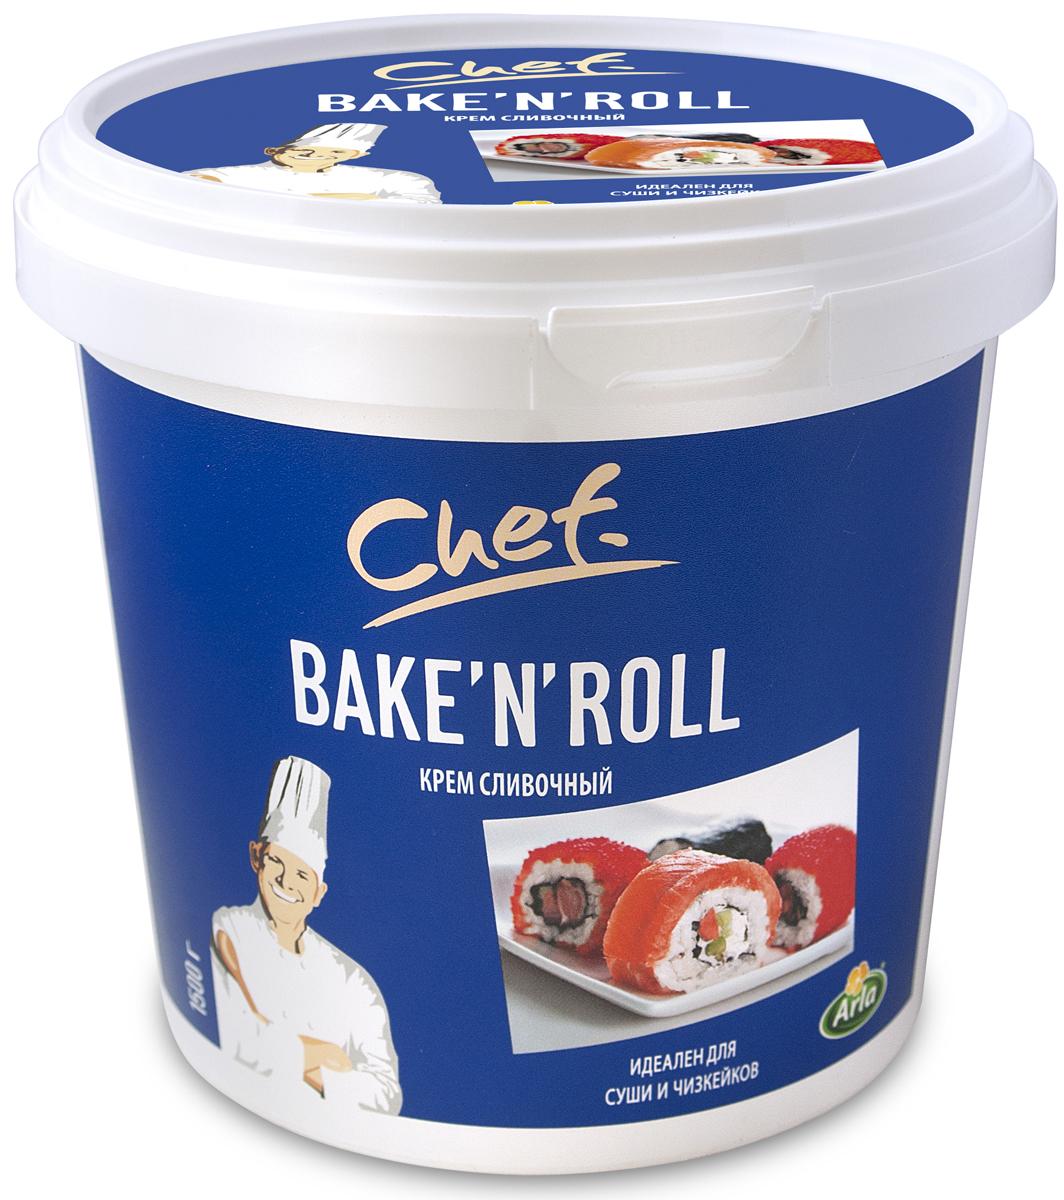 Arla Chef BakenRoll Крем Сливочный, 64%, 1500 г53597Крем Arla Chef BakenRoll обладает плотной консистенцией, эластичной текстурой и нежным сливочным вкусом. Продукт универсален, идеально подходит как для приготовления суши, так и для различных соусов, крем-супов и десертов: чизкейка, парфе, тирамису. Плотность BakenRoll позволяет получить ровный эстетичный срез при приготовлении роллов. Кроме того, продукт отлично ведет себя при запекании.Массовая доля жира в сухом веществе 64%. Состав: вода, масло сливочное несоленое, пищевая добавка (сухой молочный белок, стабилизатор модифицированный крахмал Е1442, соль поваренная пищевая, загуститель каррагинан), регуляторы кислотности: Е575 и лимонная кислота. Пищевая ценность на 100г: белки 6,3г, жиры 25г, углеводы 5,4г.Энергетическая ценность 272ккал.Хранить при температуре от +2 до +5С.Срок годности: 140 дней.